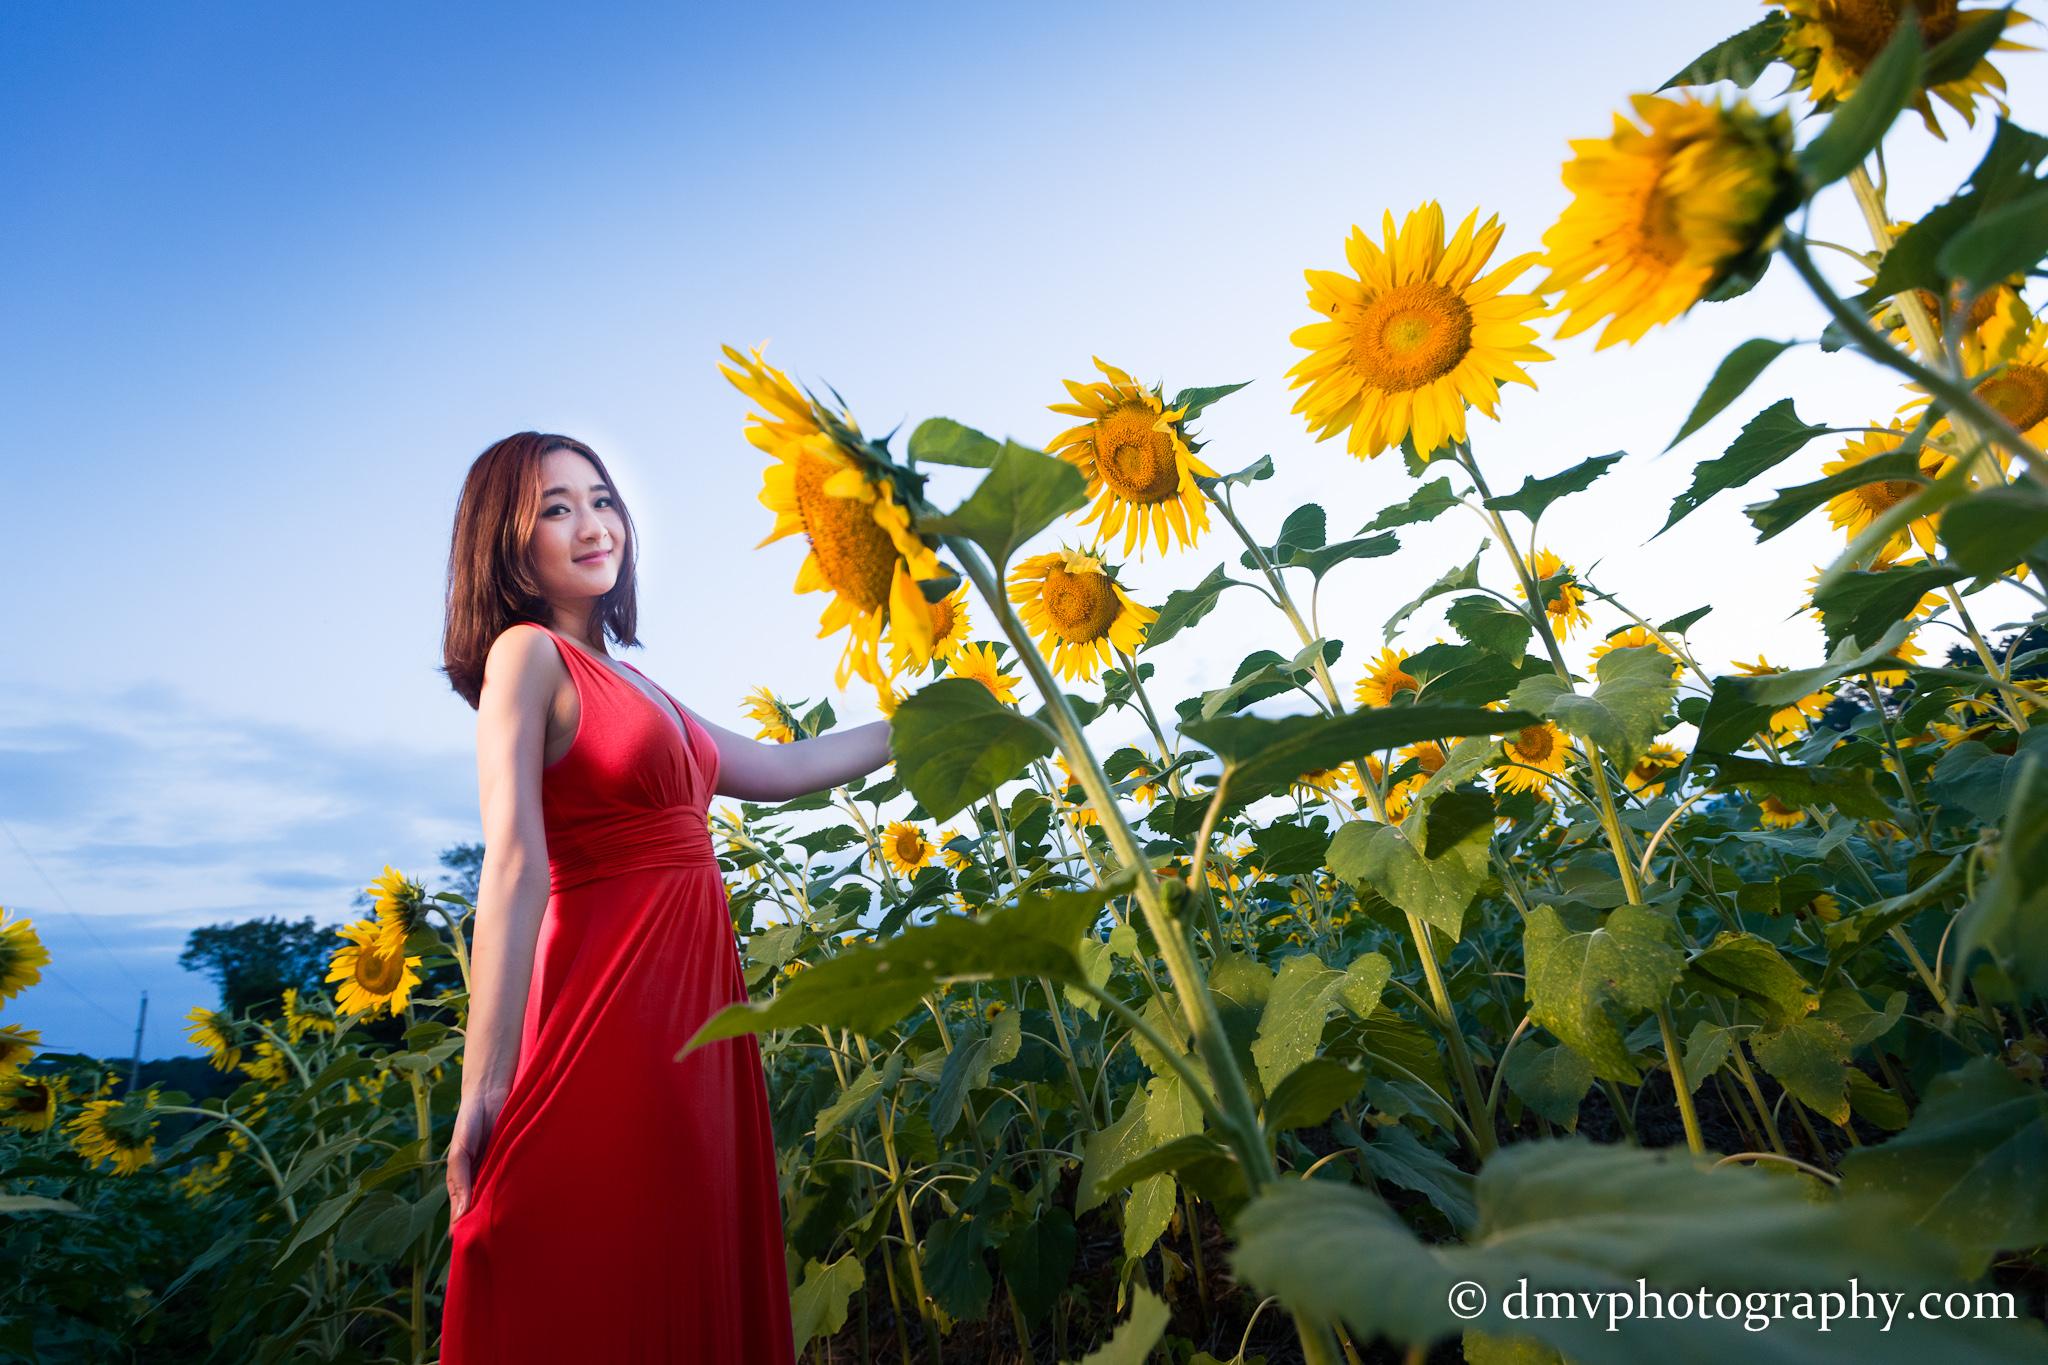 2016-09-01 - Christina He - 00026